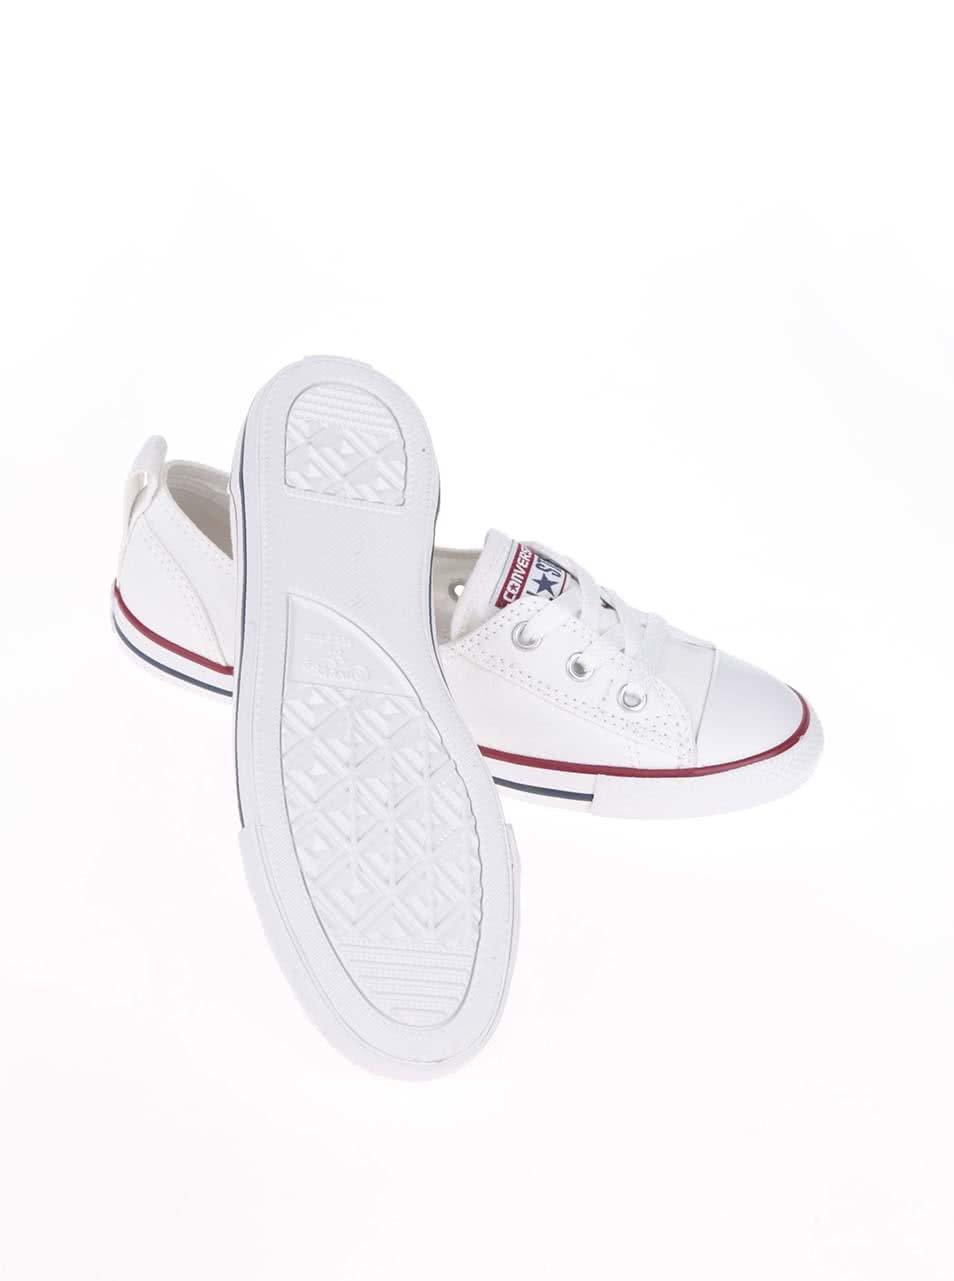 Bílé dámské tenisky Converse Chuck Taylor Ballet Lace ... b48470bd092